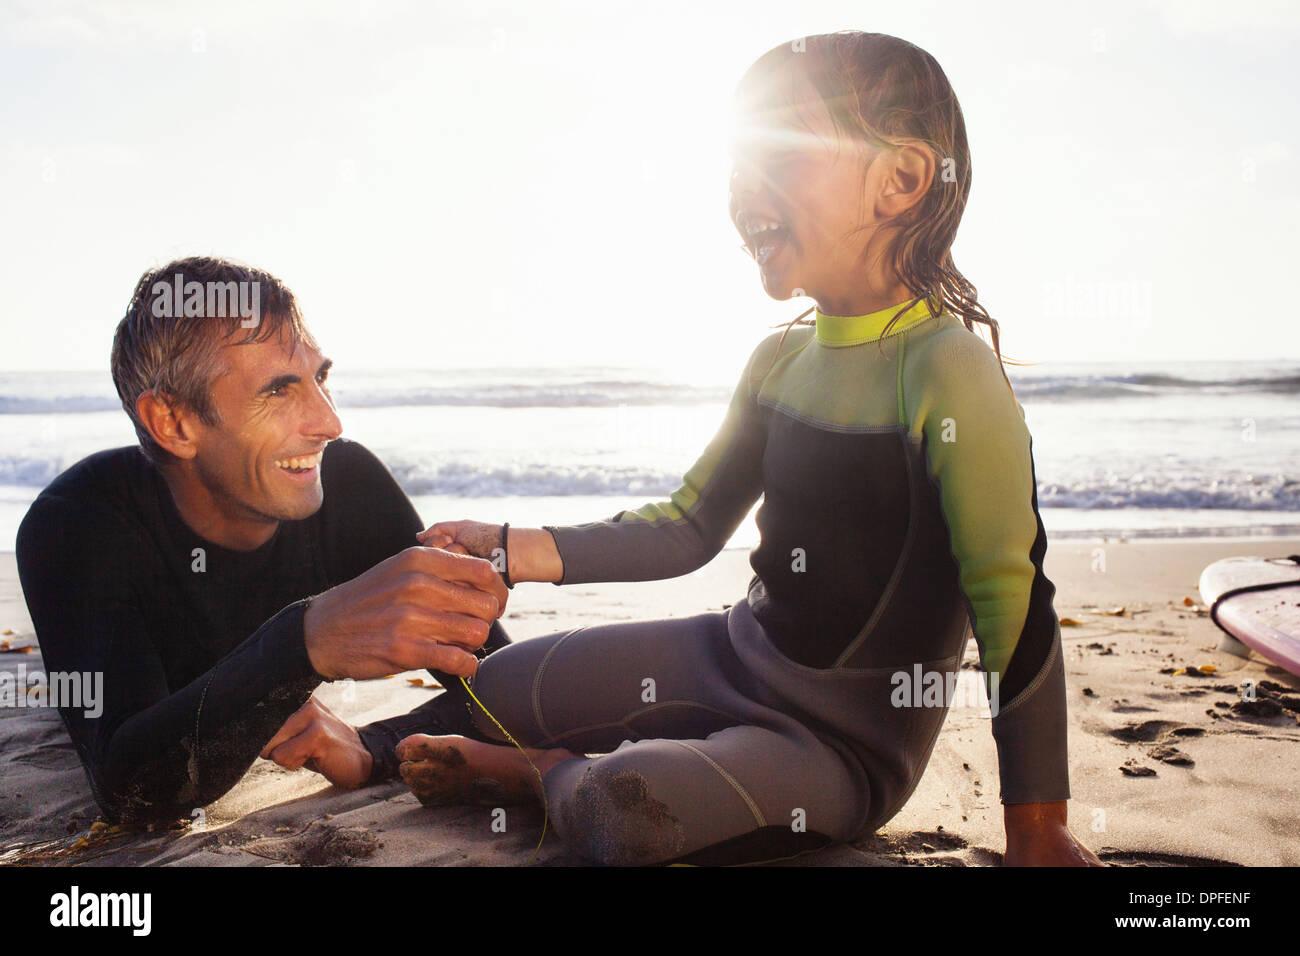 Padre e figlia tenendo le mani sulla spiaggia, Encinitas, CALIFORNIA, STATI UNITI D'AMERICA Immagini Stock